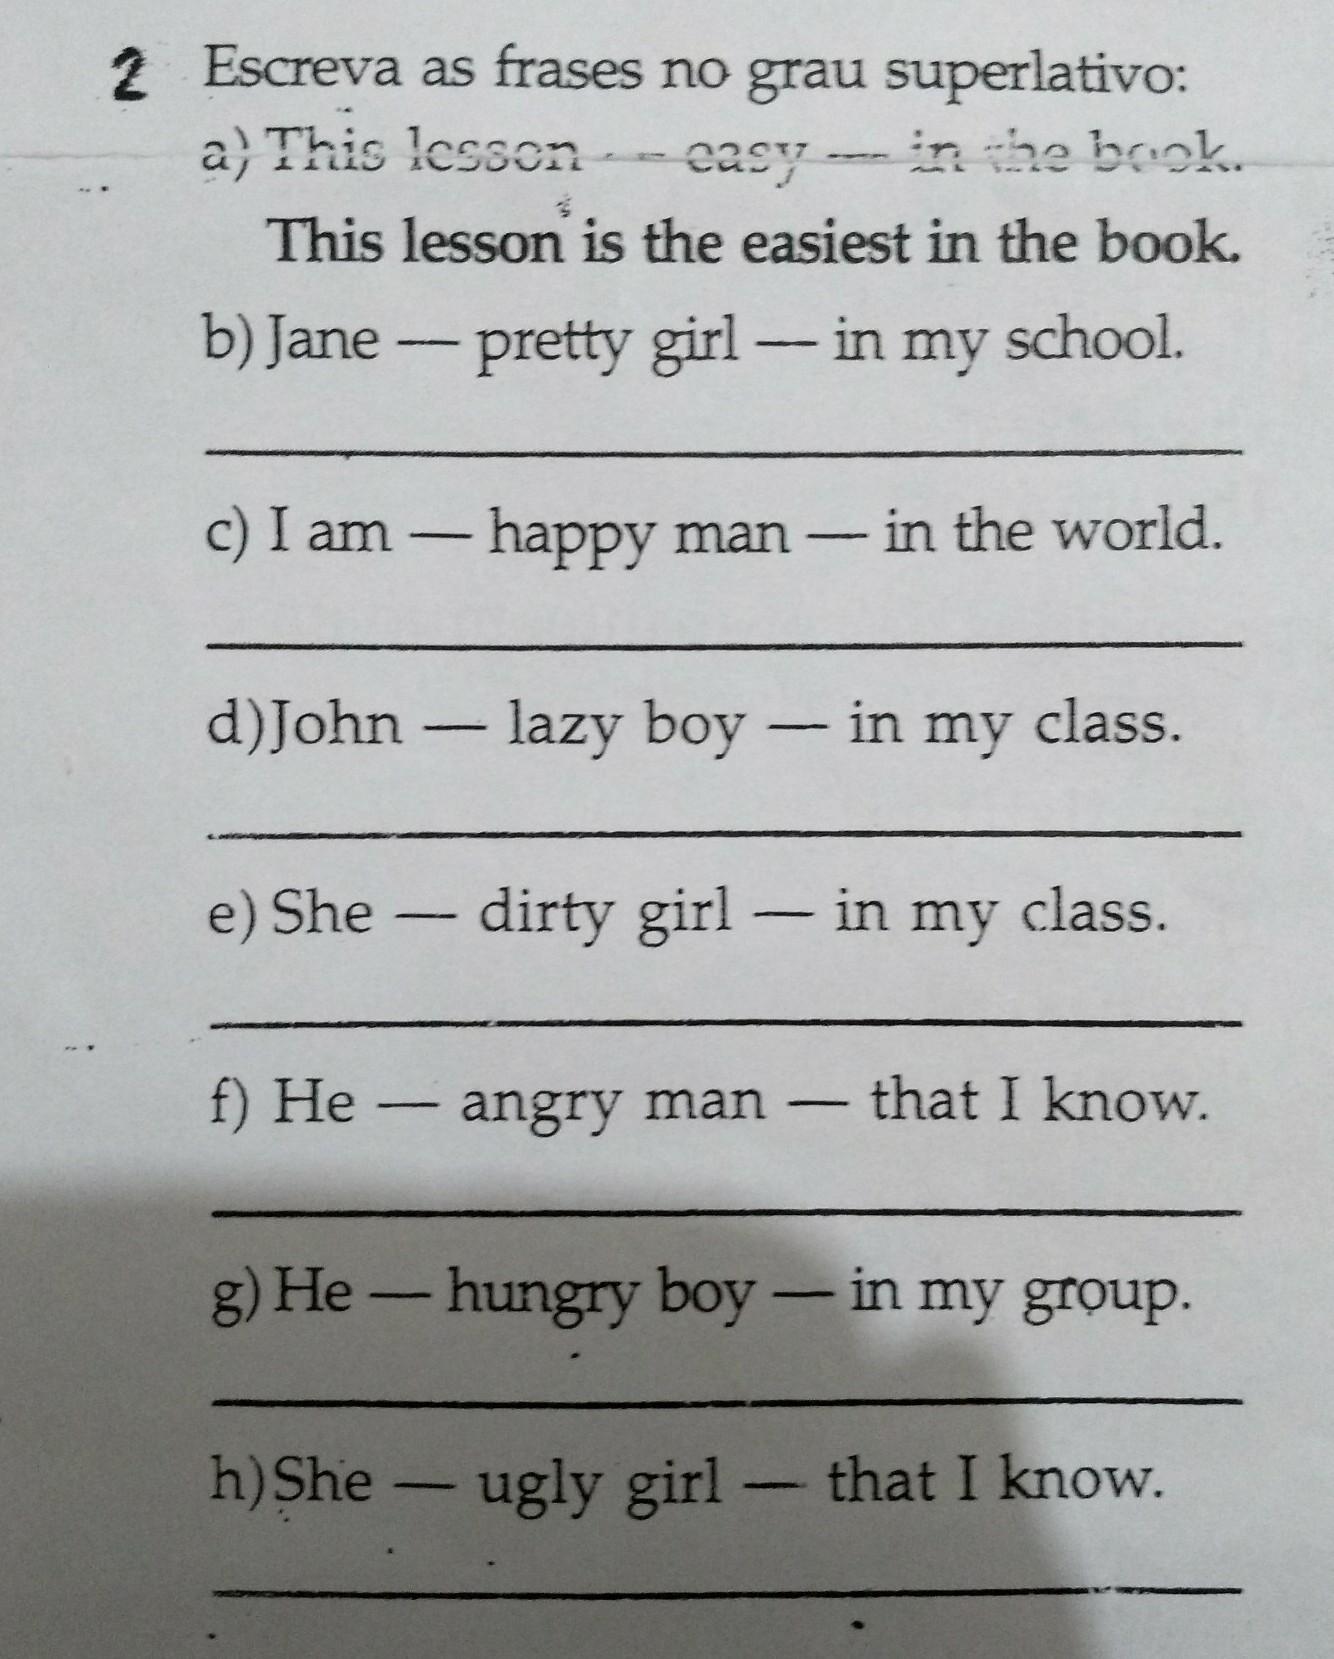 2 Escreva As Frases No Grau Superlativo Brainlycombr